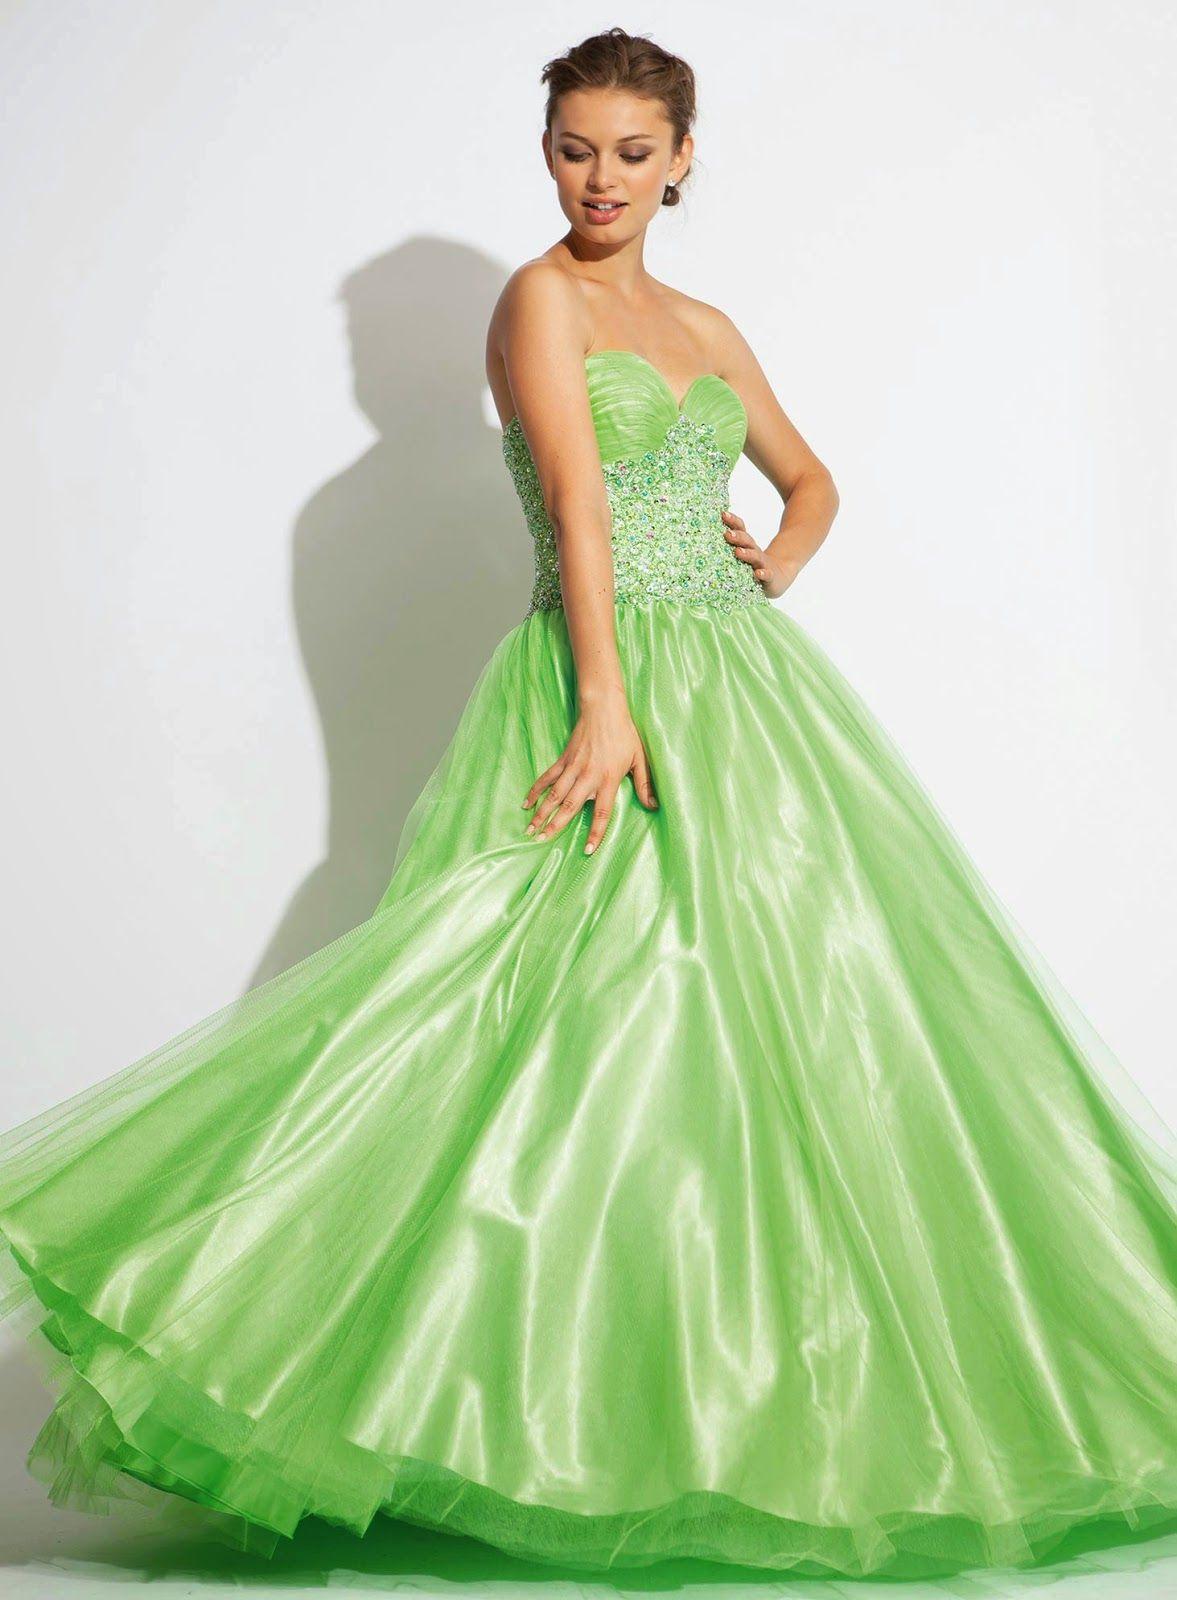 Grandiosos vestidos de graduación | Colección Jovani 2015